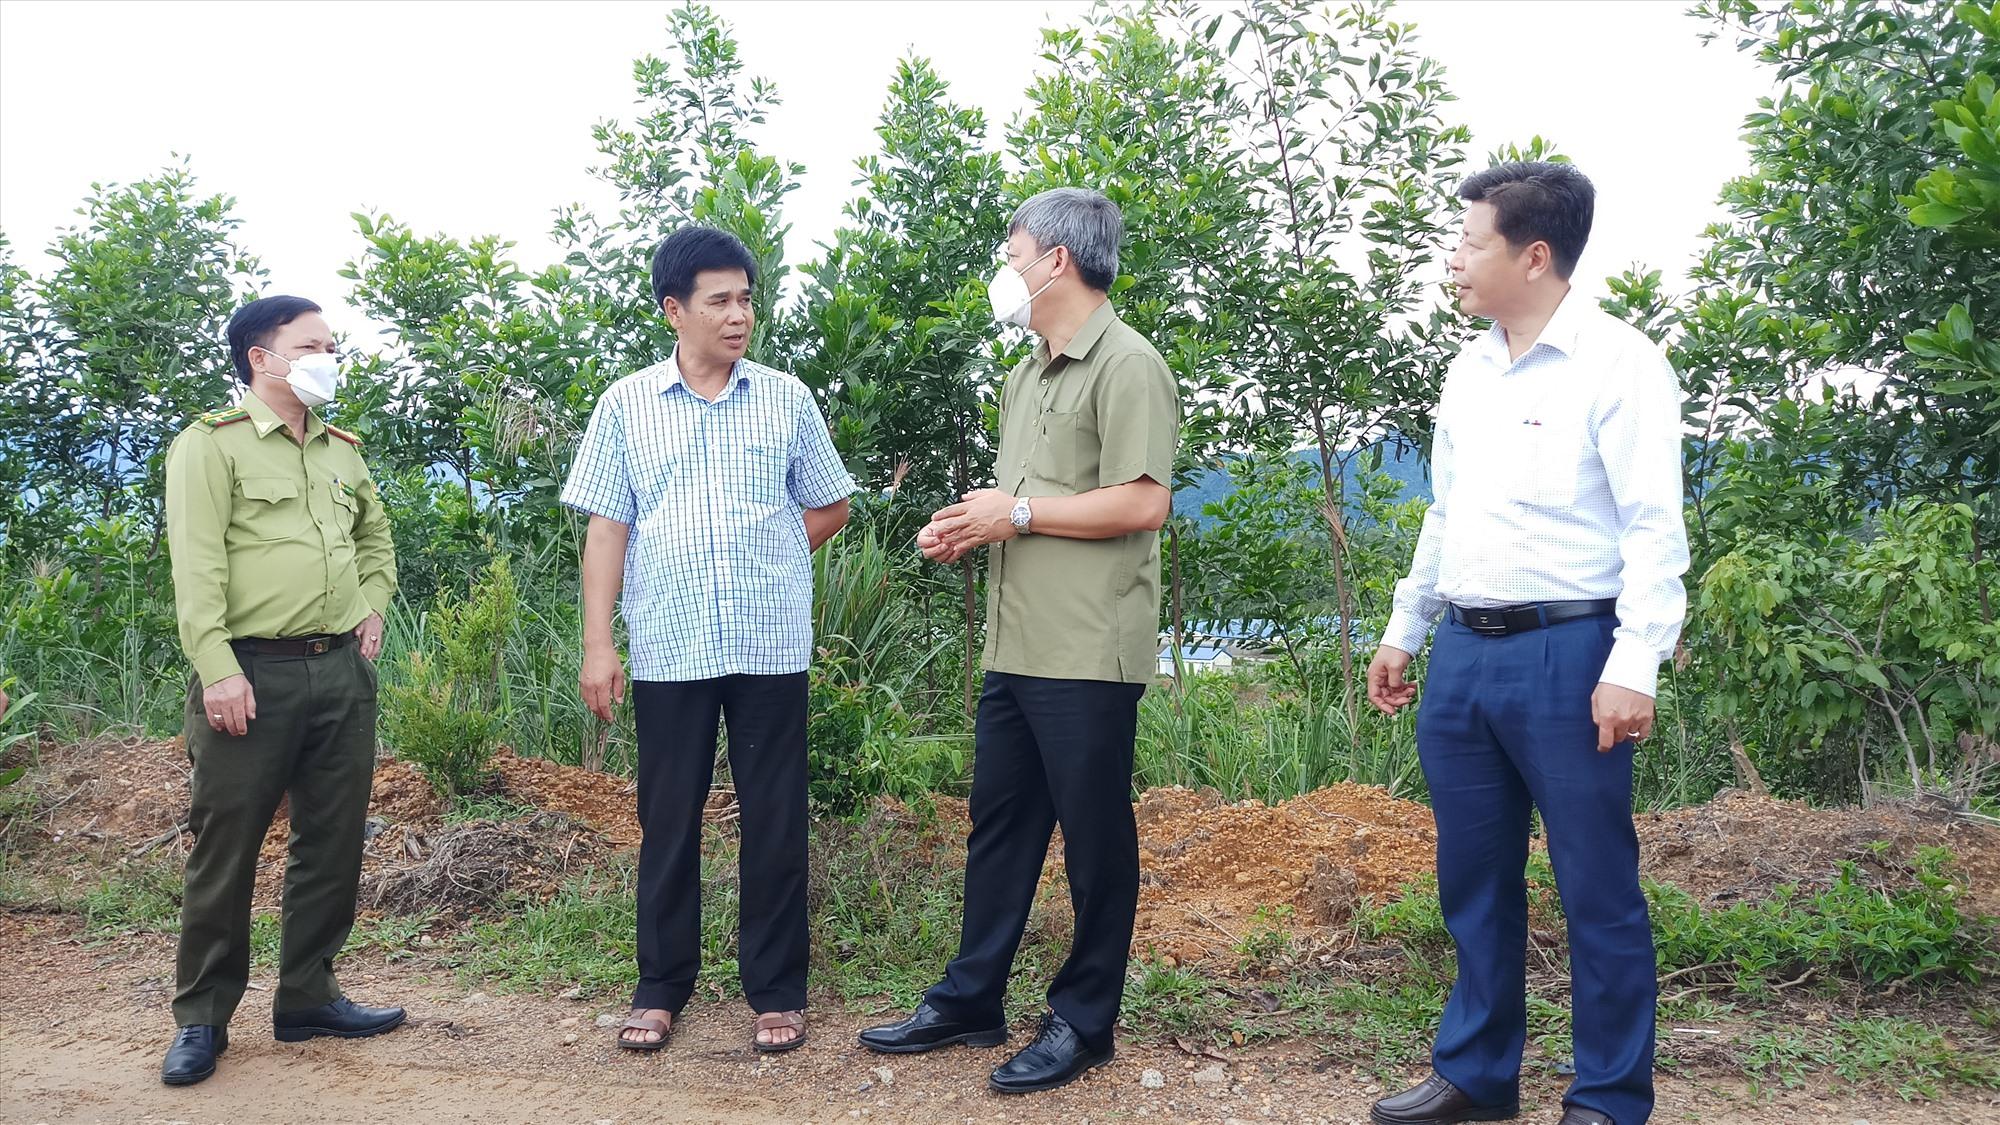 Kiểm tra đất lâm nghiệp trồng cao su sau thời gian bỏ hoang đã bị người dân lấn chiếm, Phó Chủ tịch UBND tỉnh Hồ Quang Bửu yêu cầu địa phương cần có phương án giải quyết cụ thể theo quy định của pháp luật. Ảnh: A.N